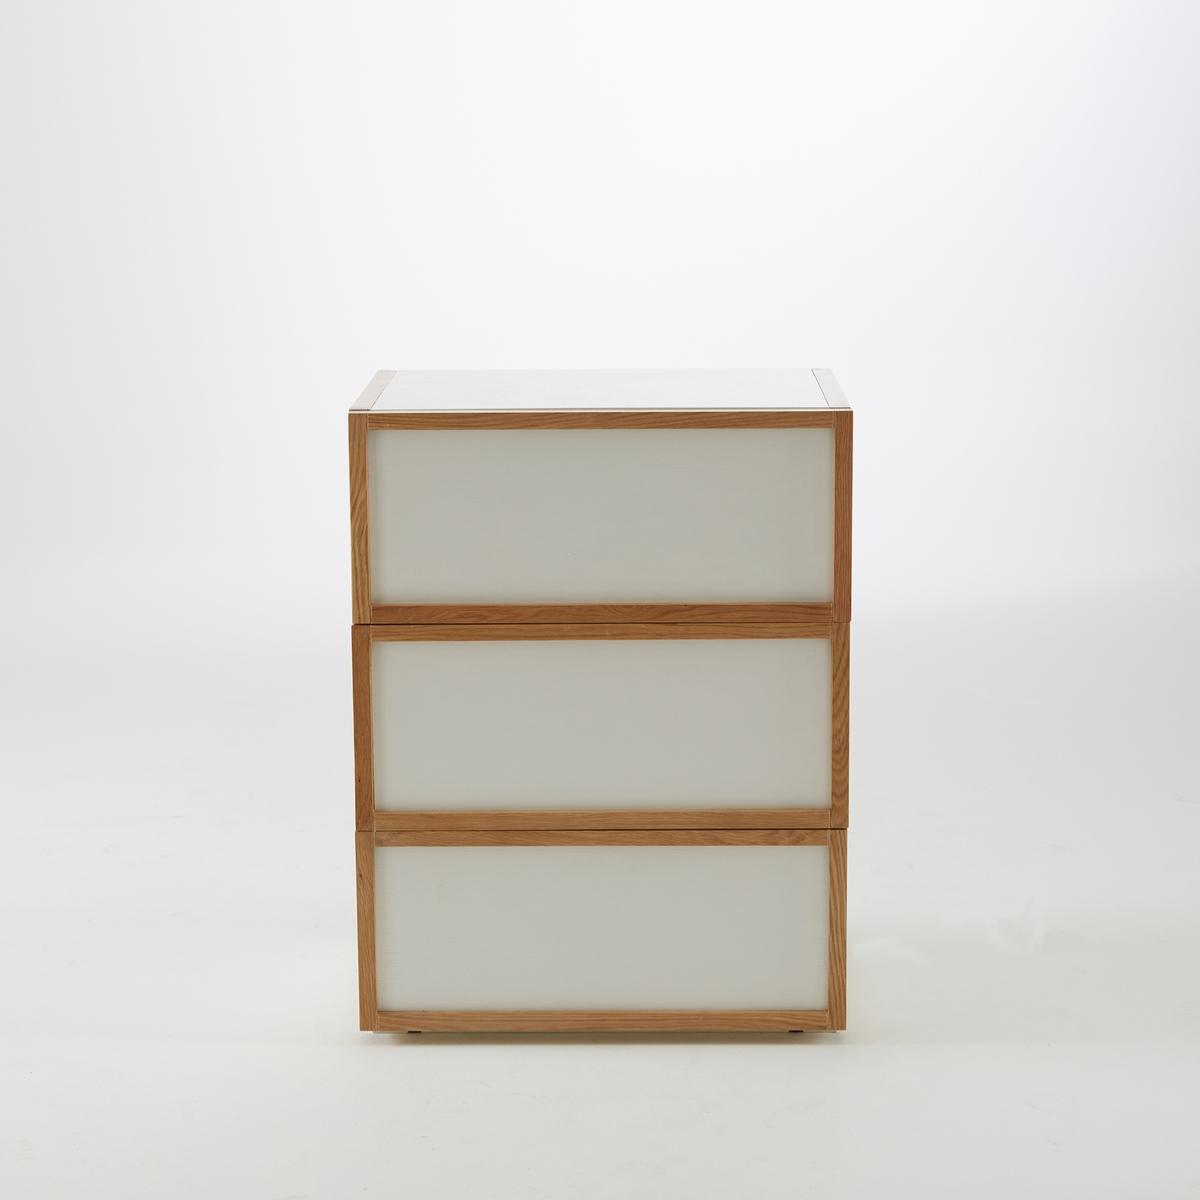 Комод с 3 ящиками Compo деревянная заготовка мини комод с 6 ящиками no name 146309